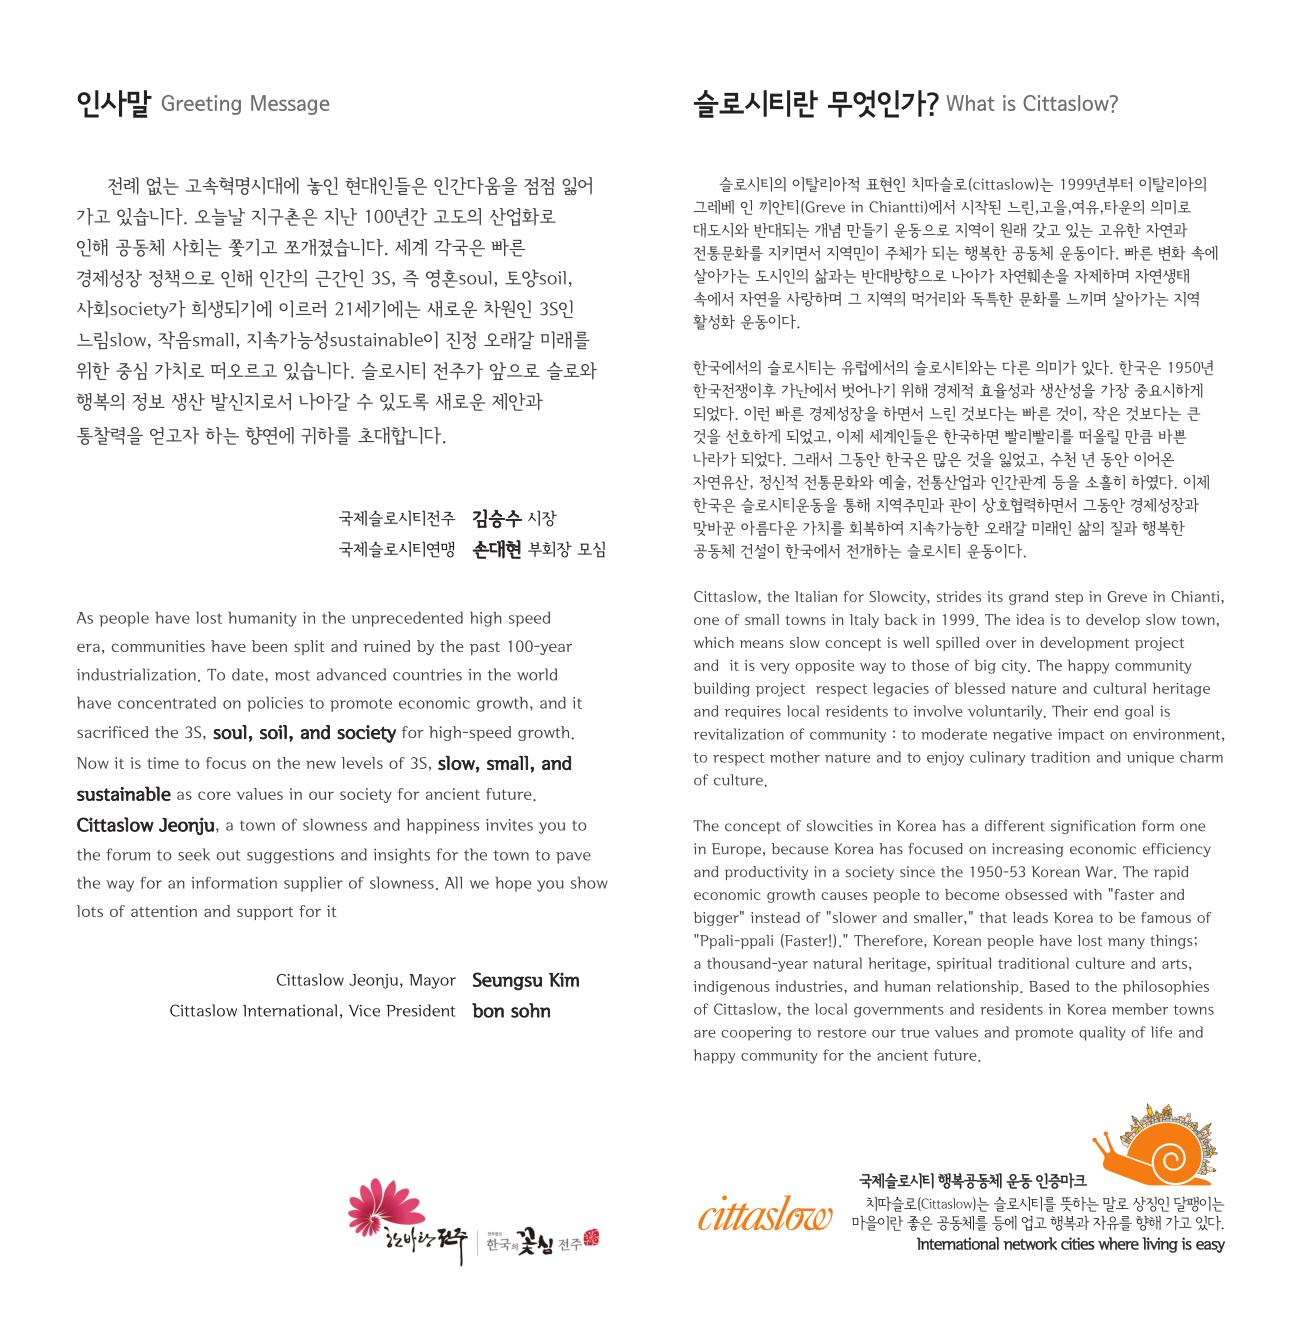 전주시청 국제슬로포럼 최종-몽블랑-천부-2 - 복사본.jpg